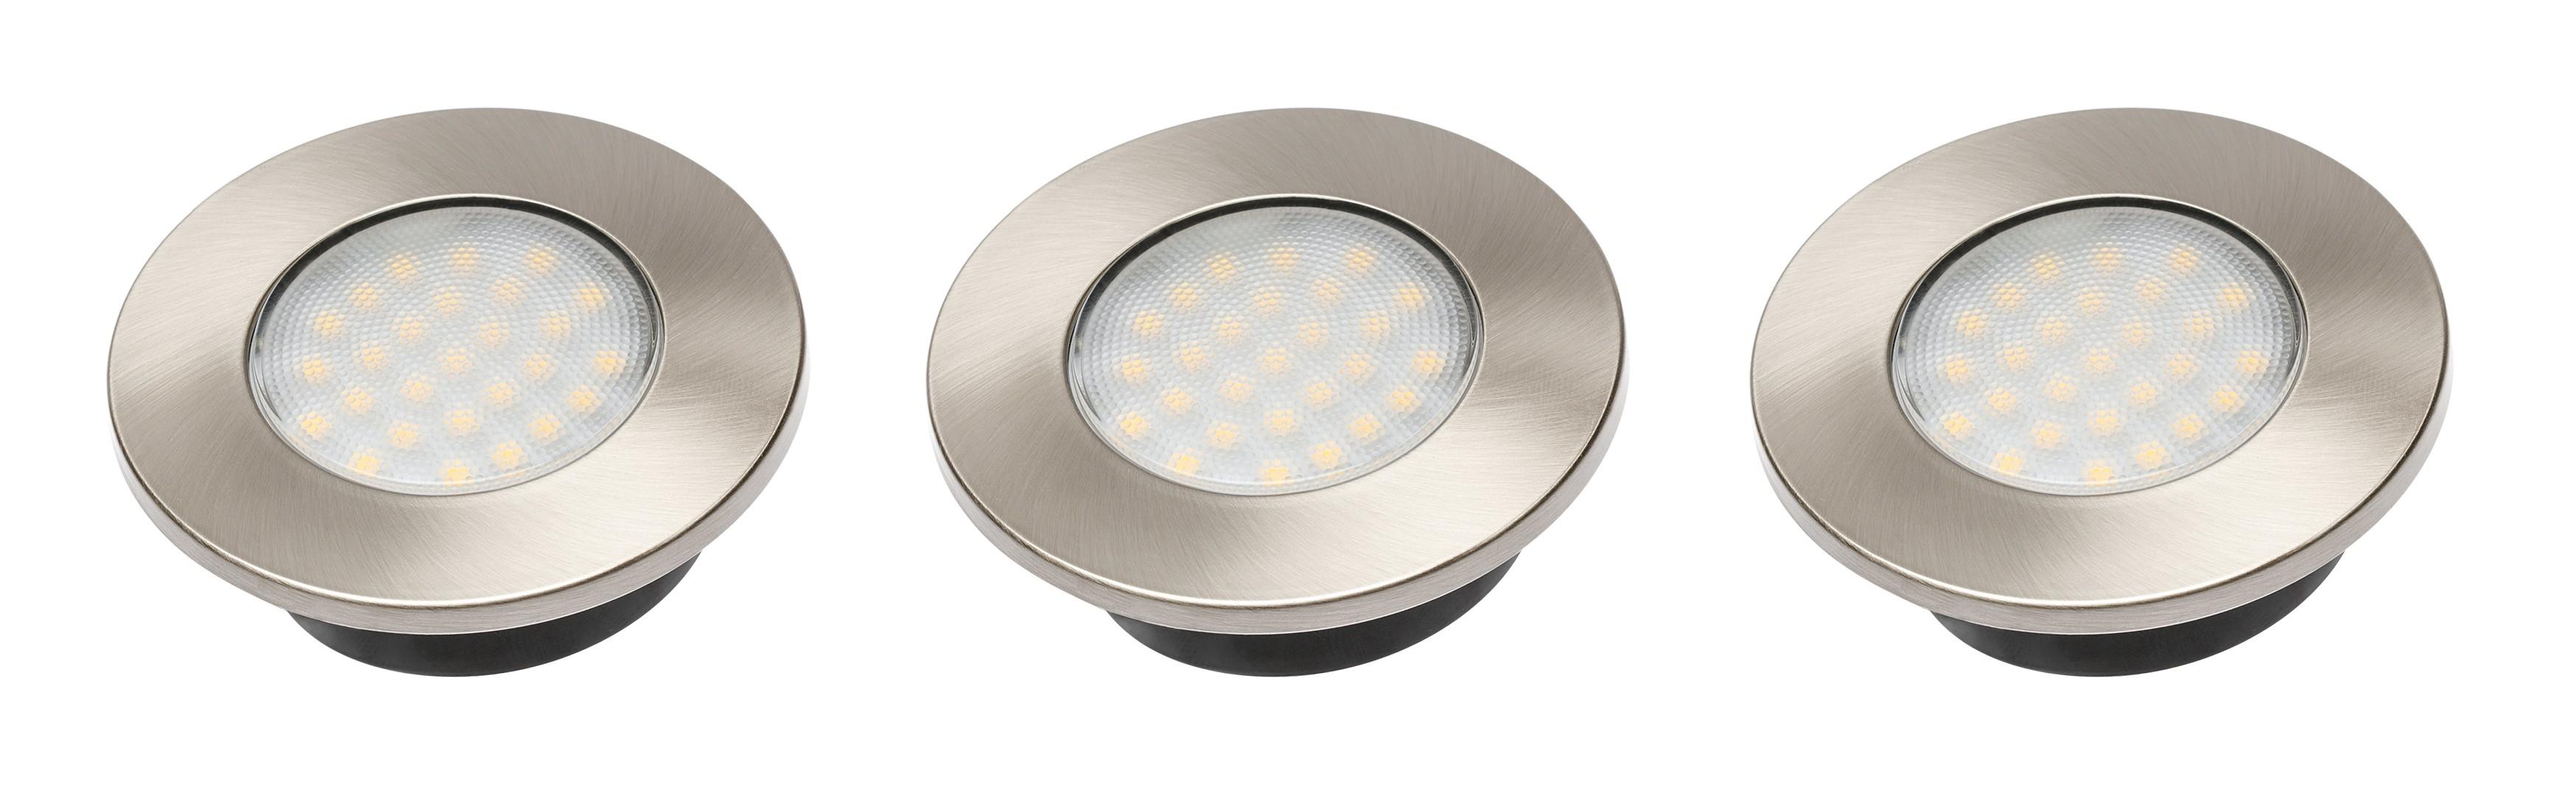 LED SVETILKA BARRI 3 x 1,5W TOPLO BELA - 3000K